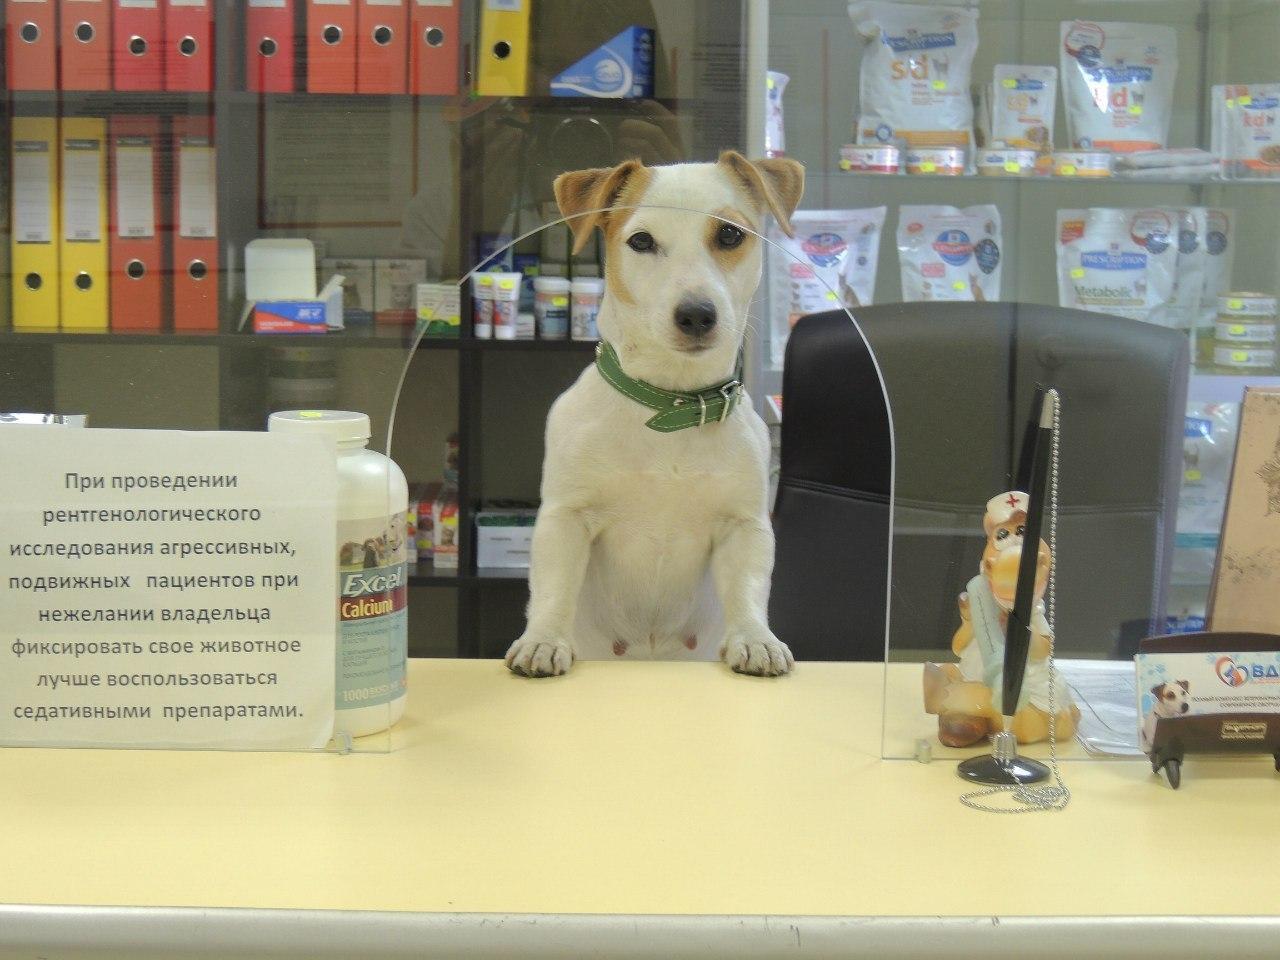 Пес и кот ветеринарная клиника отзывы